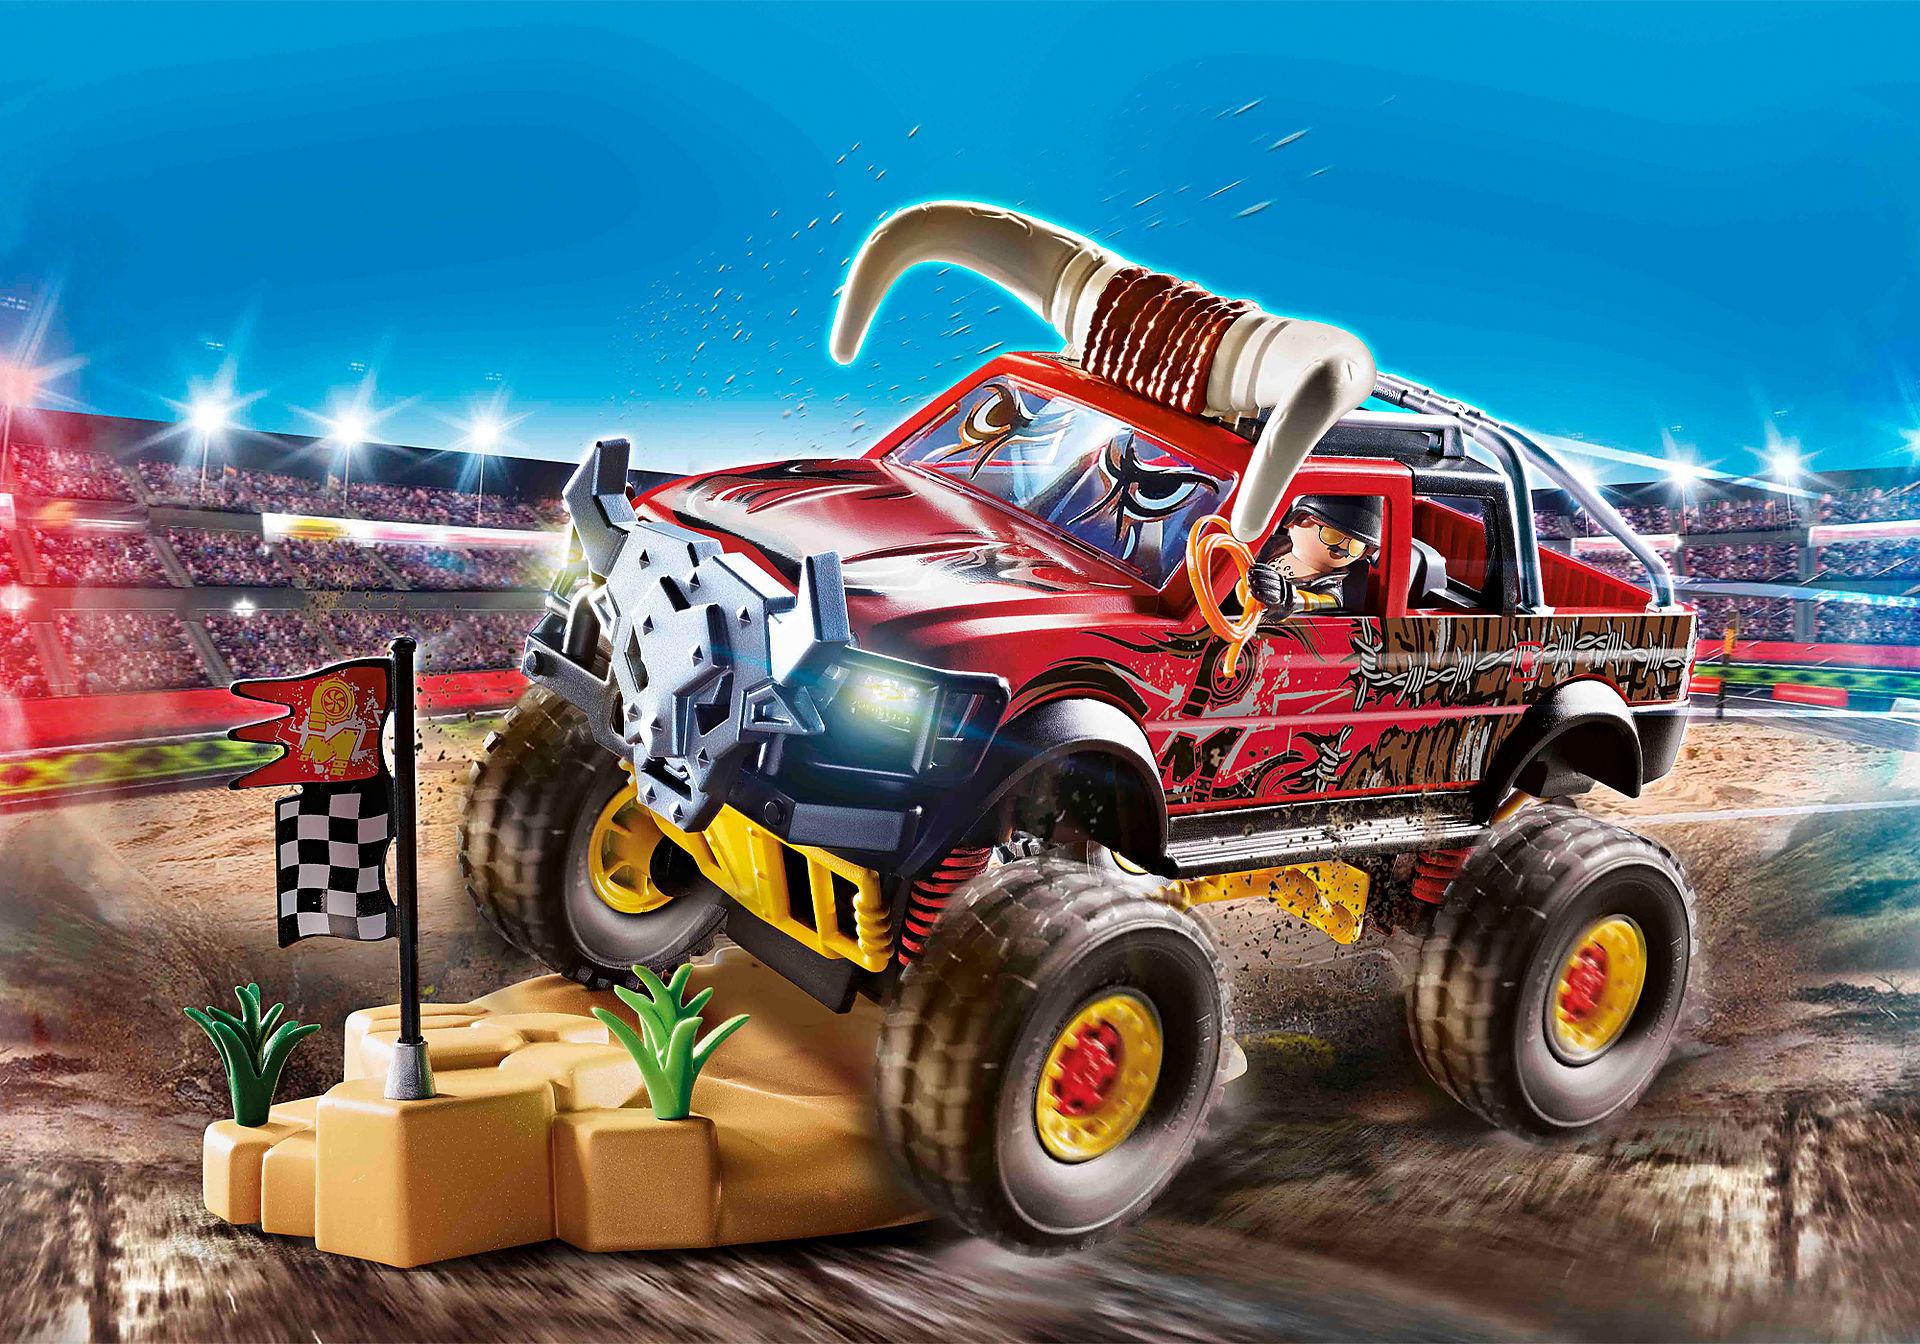 70549 Stunt Show Bull Monster Truck zoom image1